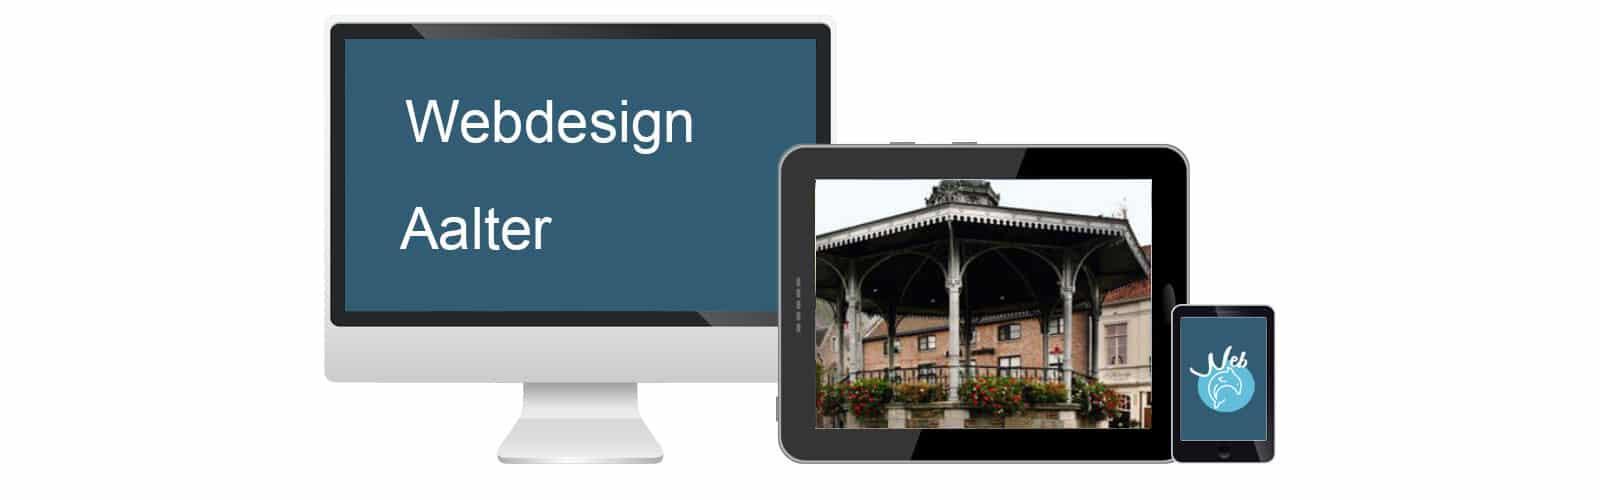 Webdesign Aalter - webdolfijn